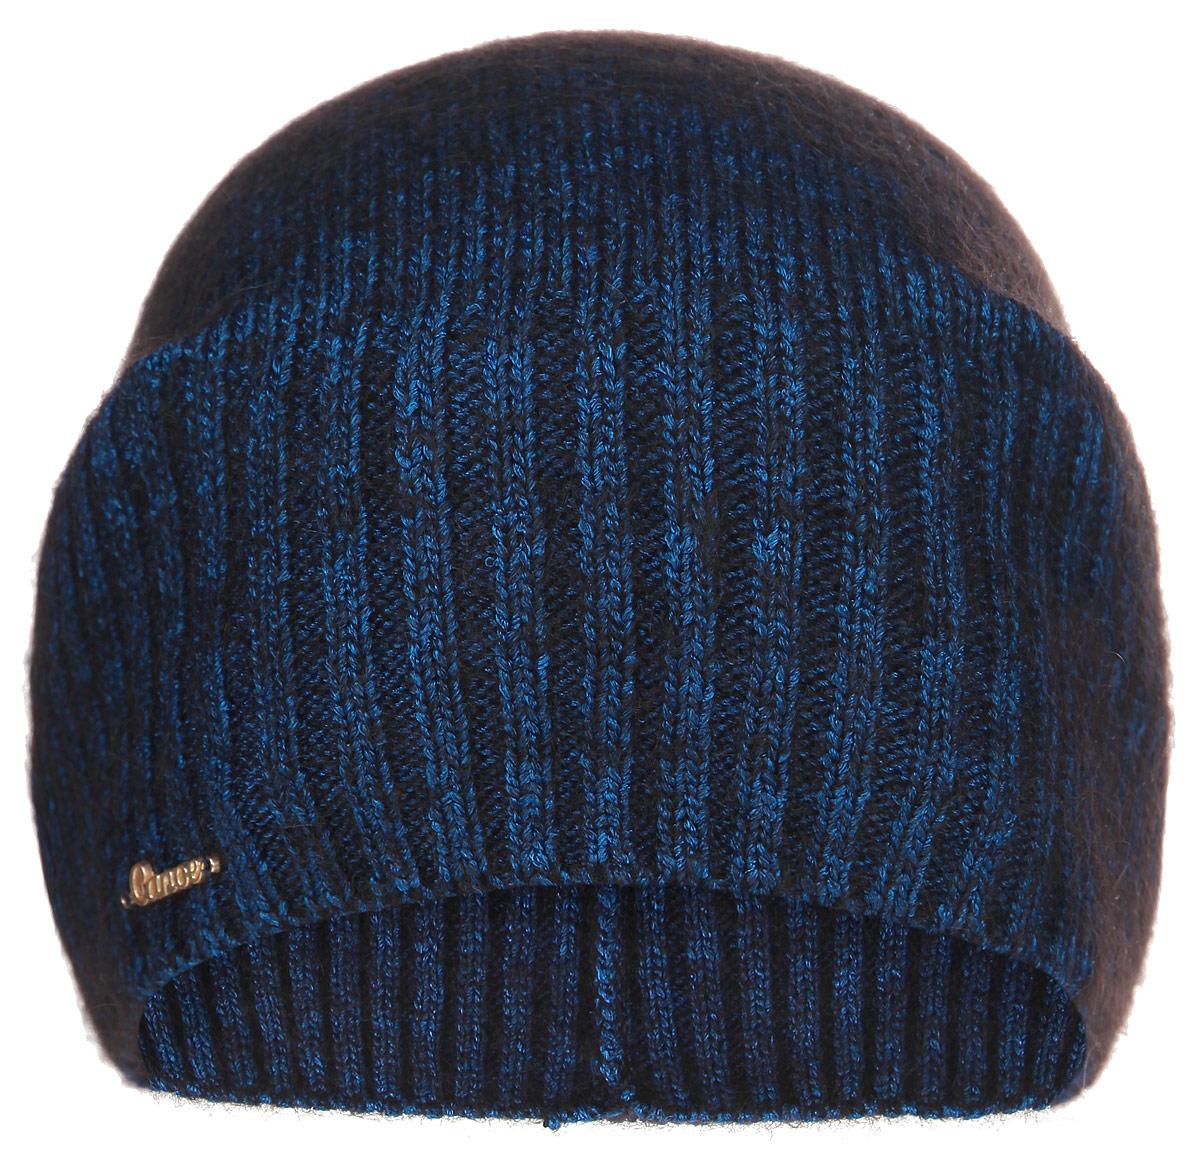 Шапка женская Lina3446680Стильная женская шапка Canoe Lina идеально подойдет для прогулок и занятия спортом в прохладное время года. Удлиненная шапка мелкой вязки выполнена из высококачественной вискозной пряжи с добавлением итальянского суперкид мохера, что обеспечивает невероятную легкость и мягкость, а также позволяет шапке надежно сохранять тепло. Низ шапки связан резинкой, что обеспечивает эластичность и удобную посадку. Шапка оформлена металлическим лейблом с логотипом производителя. Такая шапка станет модным и стильным дополнением вашего зимнего гардероба. Она согреет вас и позволит подчеркнуть свою индивидуальность! Уважаемые клиенты! Размер, доступный для заказа, является обхватом головы.